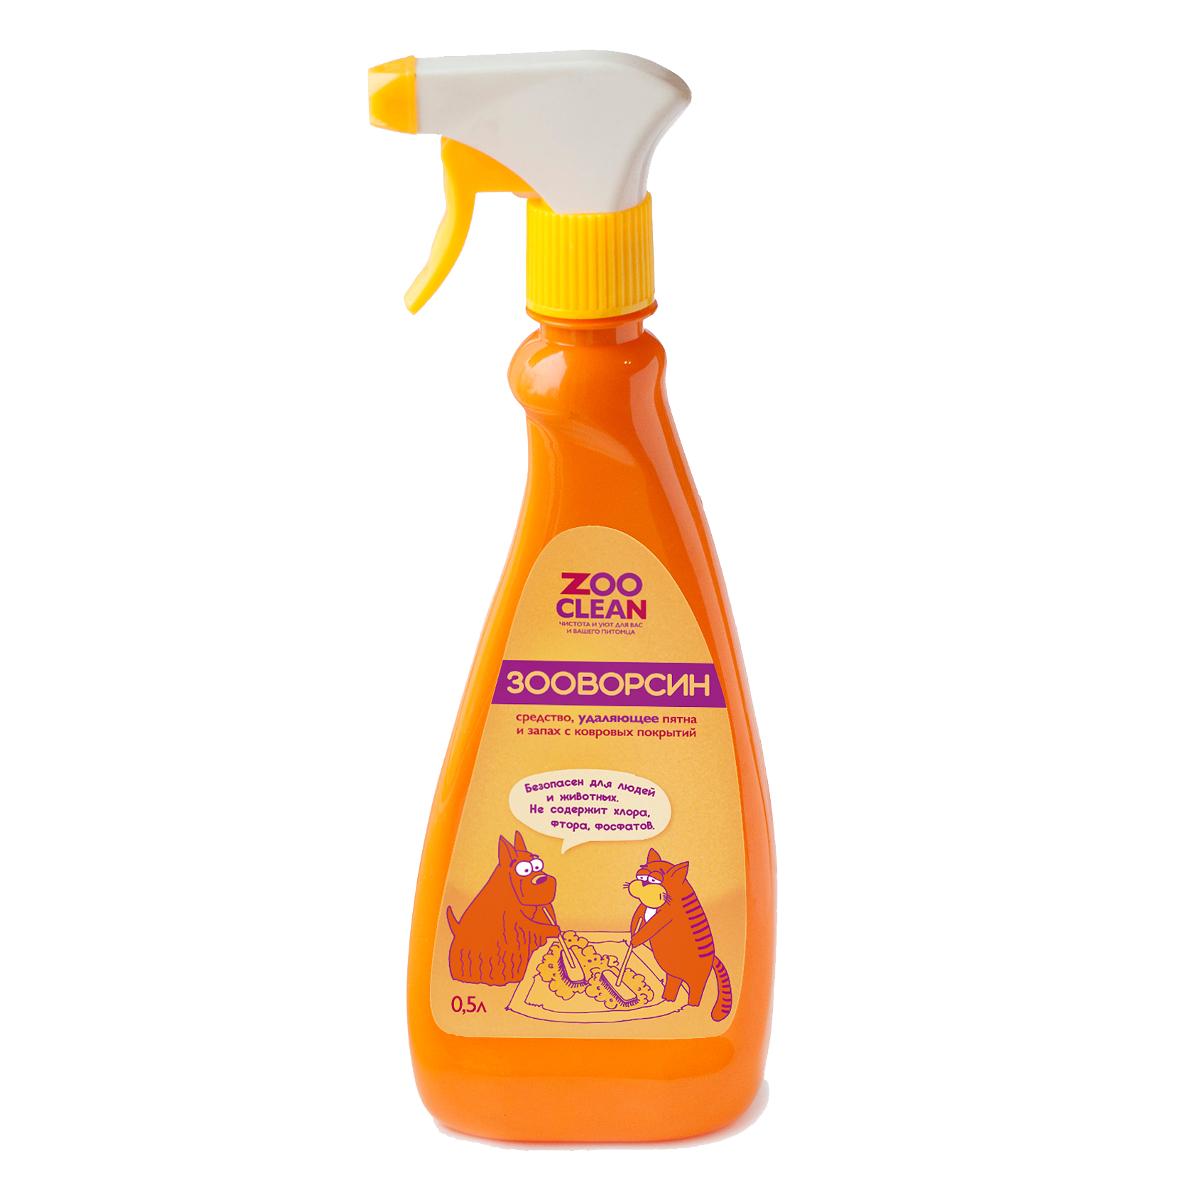 Средство для удаления пятен и запахов с ковровых покрытий Zoo Clean ЗооВорсин, 500 млHS. 120005Безопасное моющее средство, удаляющее запахи, для тканевых поверхностей с антистатиком, 500 мл. - Чистит, отмывает и уничтожает запахи на тканевых, ковровых поверхностях, в обуви, в салонах автомобилей. С эффектом Химчистки - Снимает территориальные метки животных - Эффект антистатика Особенности: Не содержит: — Хлора. — Фтора. — Фосфатов. Безопасен для людей и животных. Рекомендовано и апробировано Российскими питомниками. Возможна обработка в присутствии животных. Область применения ЗооВорсин: Салоны автомобилей Помещения содержания животных (квартиры, питомники, клетки) Ветеринарные клиники Зоогостиницы Выставки Как применять ЗооВорсин? Удалить грубое загрязнение. Распылить на загрязненную поверхность, не допуская избытка влаги Почистить влажной щеткой и оставить на 3-5 минут Дать подсохнуть и пропылесосить При необходимости повторить процедуру. ...